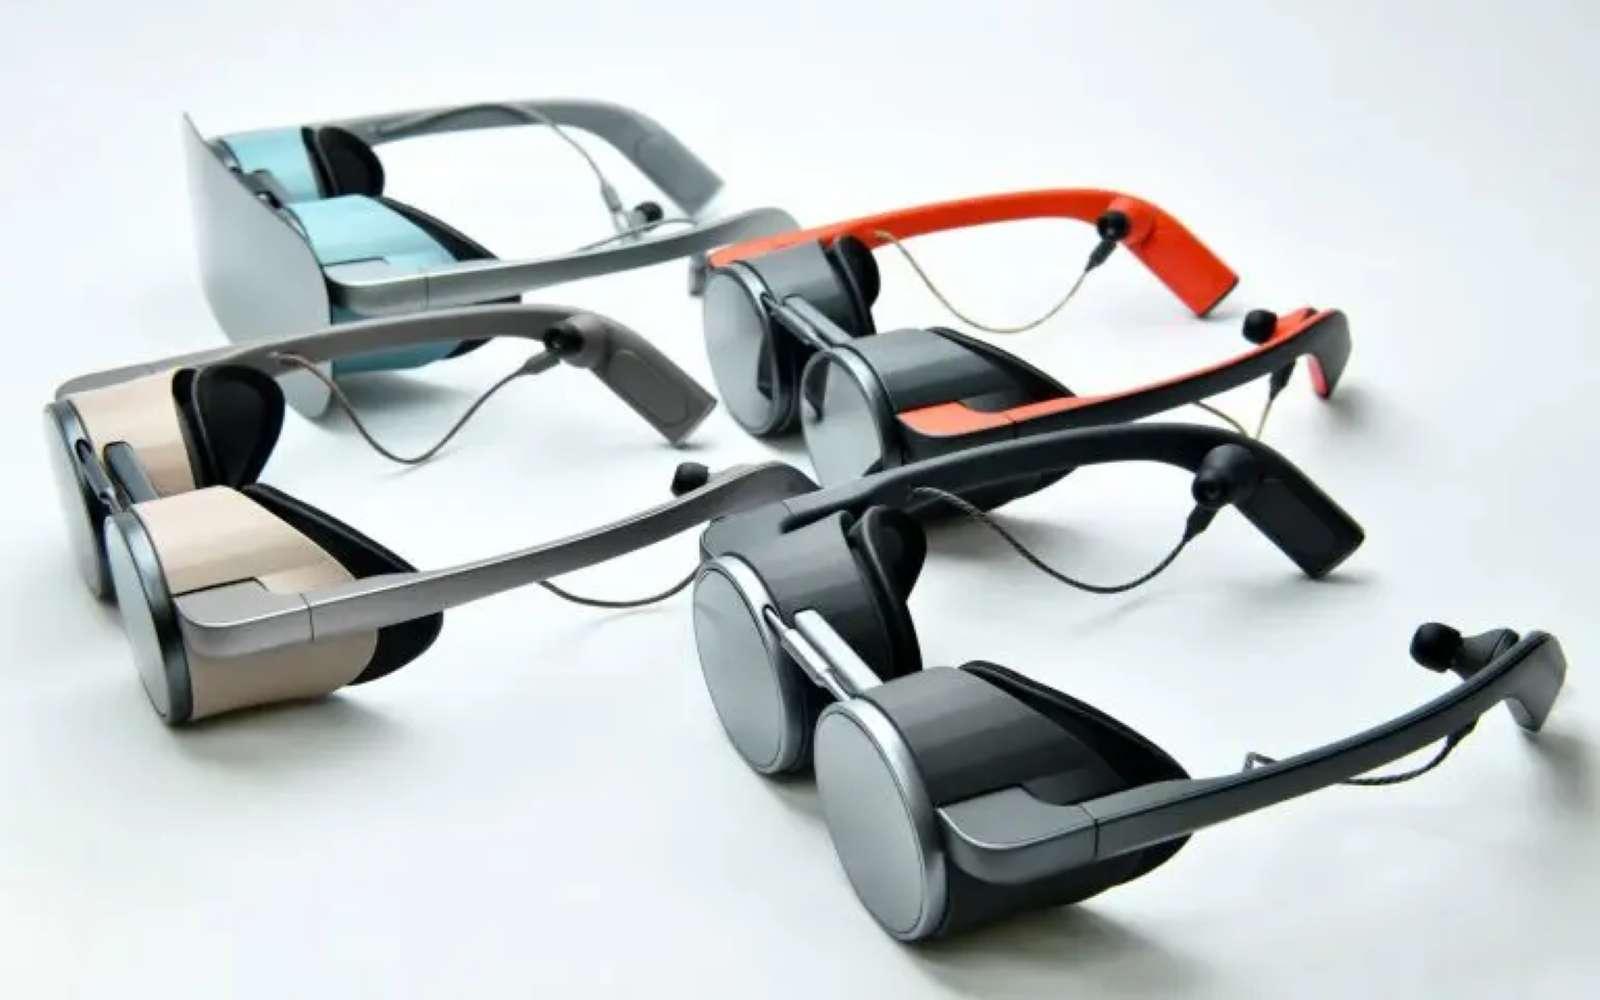 Il ne s'agit que d'un prototype, mais les lunettes de VR dévoilées par Panasonic sont bien plus séduisantes que les modèles actuels. © Panasonic